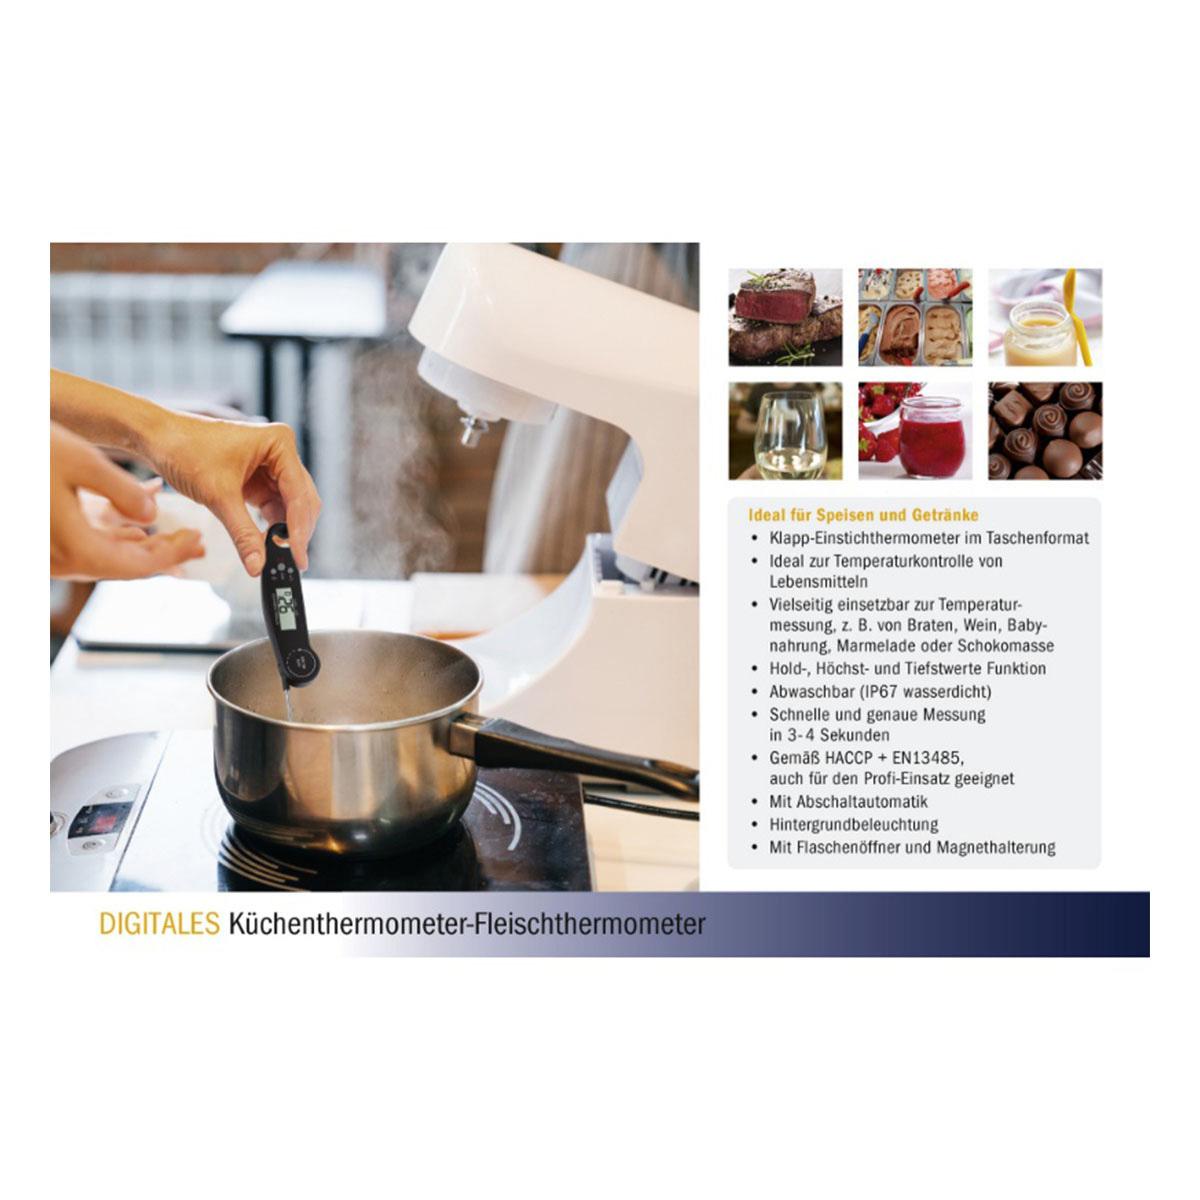 30-1061-01-digitales-küchen-thermometer-vorteile-1200x1200px.jpg